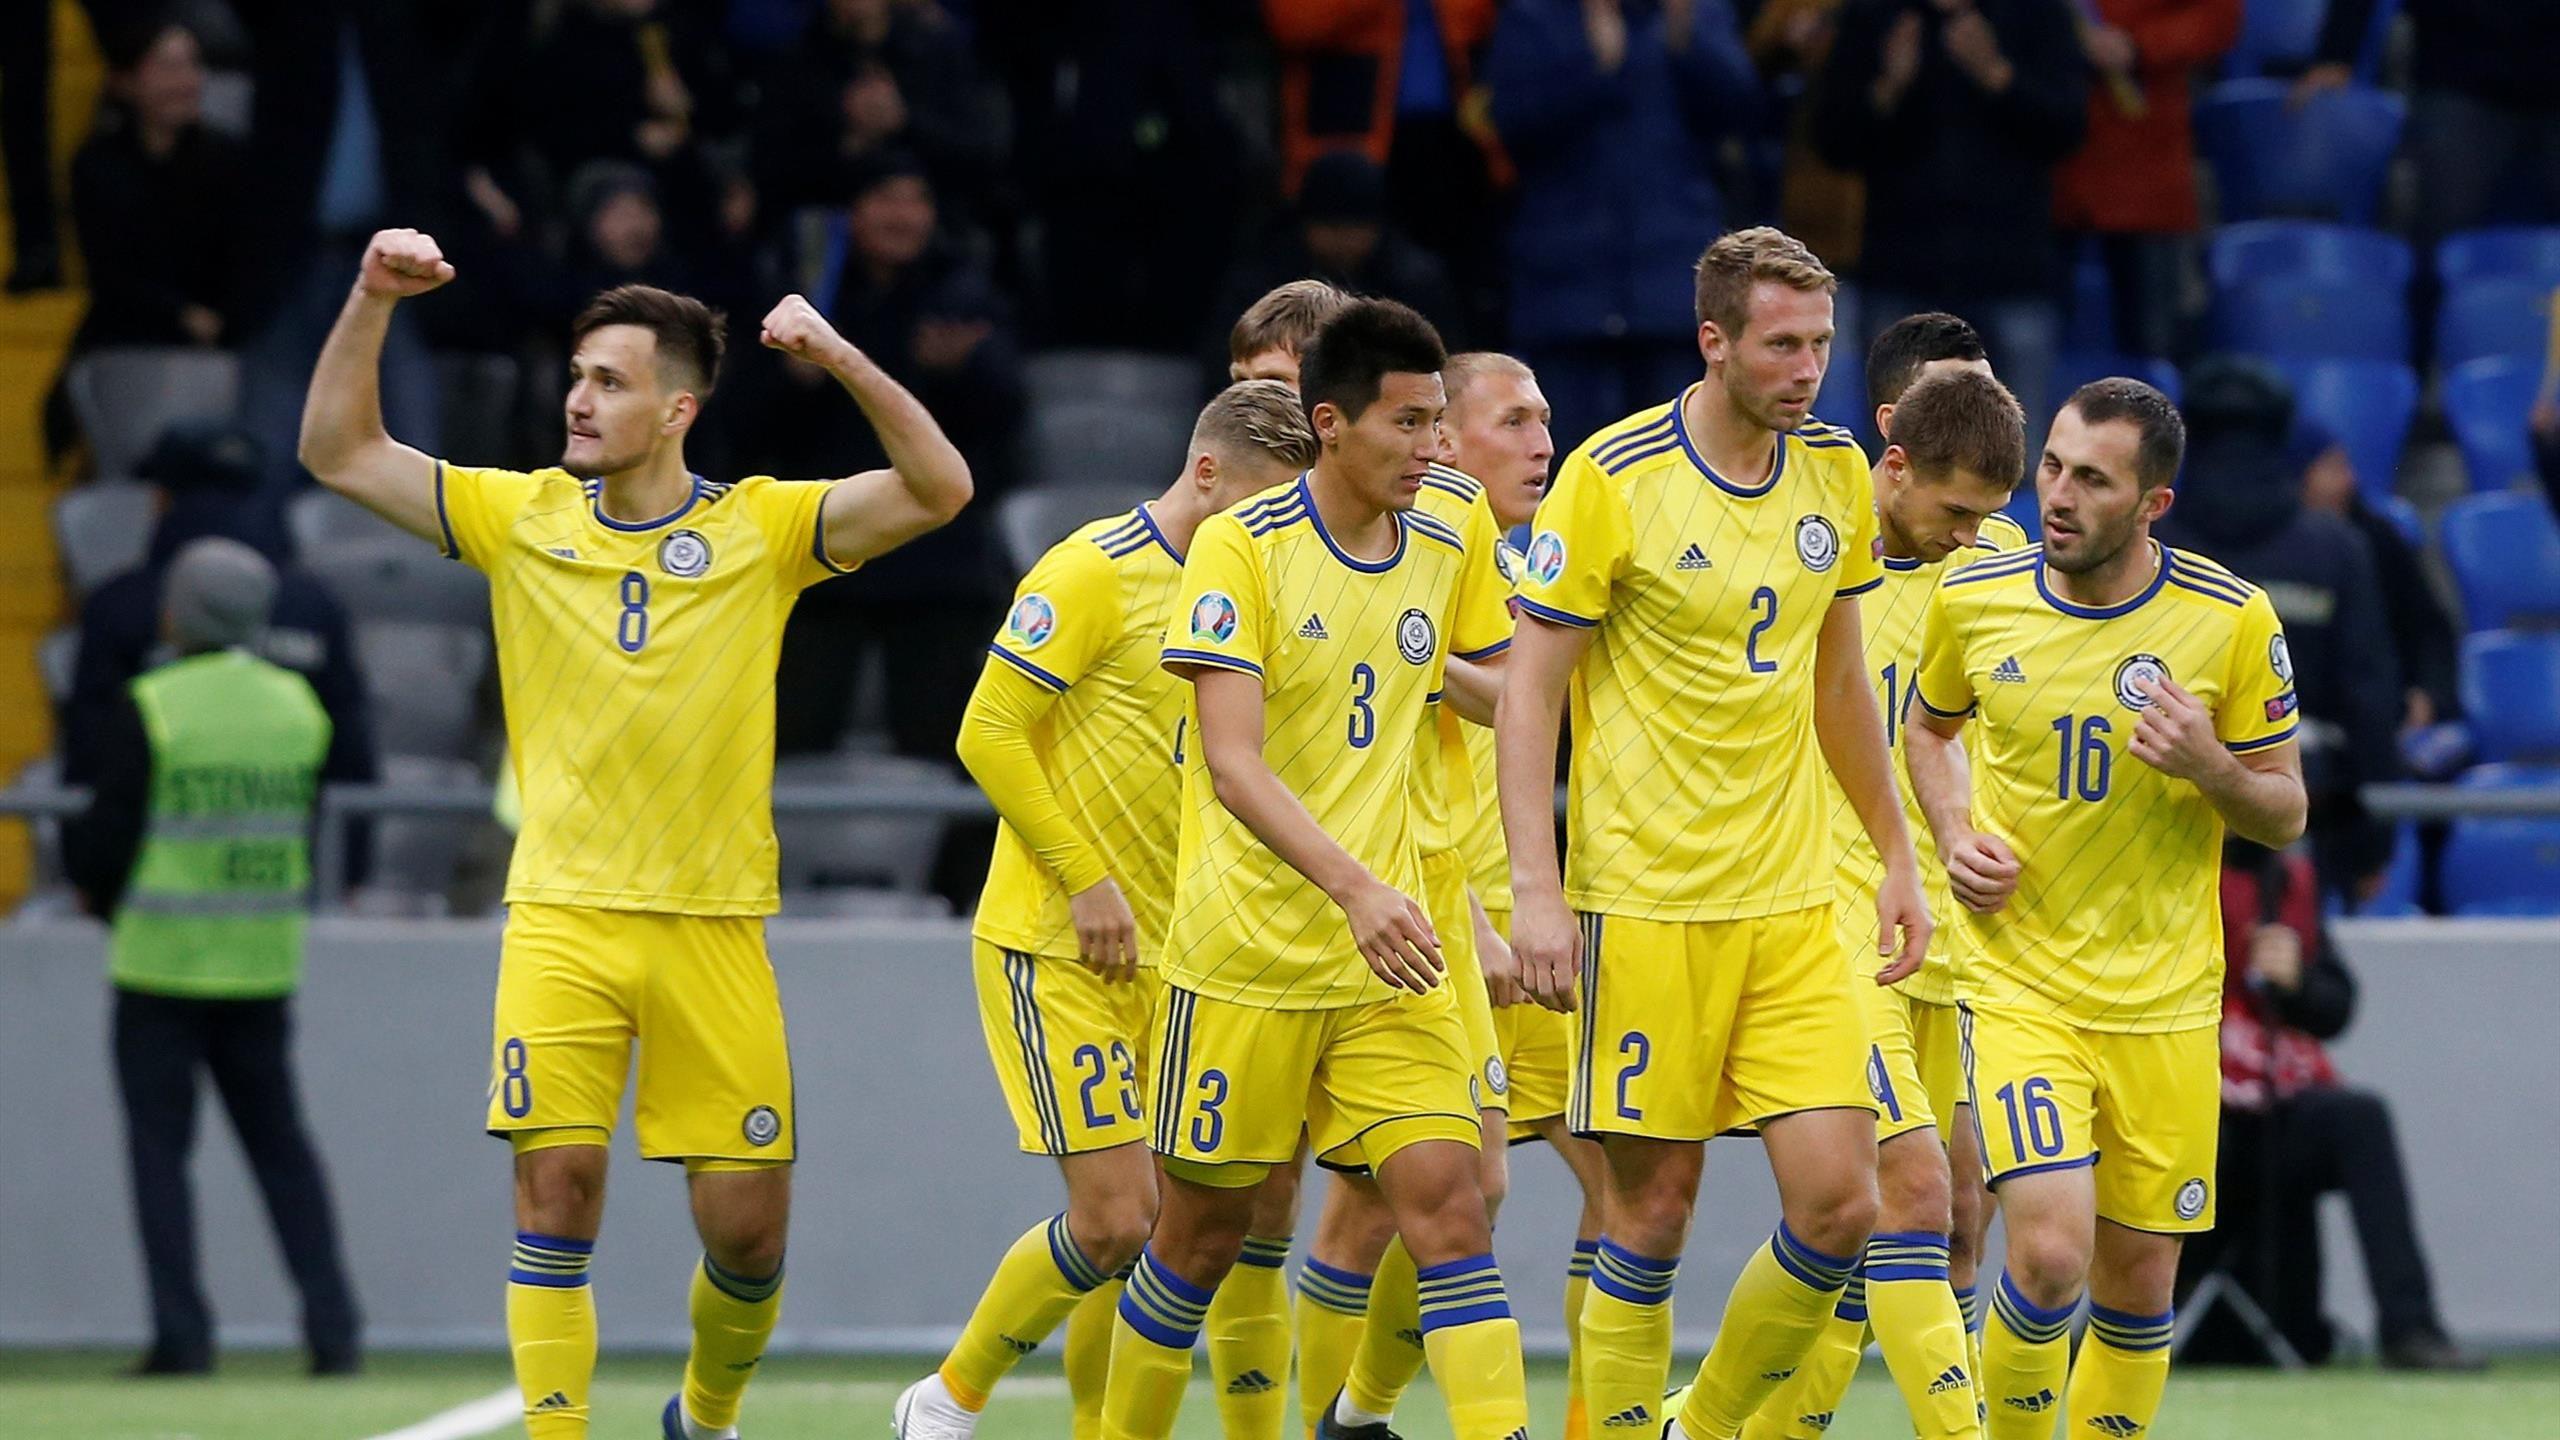 ทีเด็ดดูบอลรวยxฟุตบอลโลกรอบคัดเลือก คาซัคสถาน VS ยูเครน